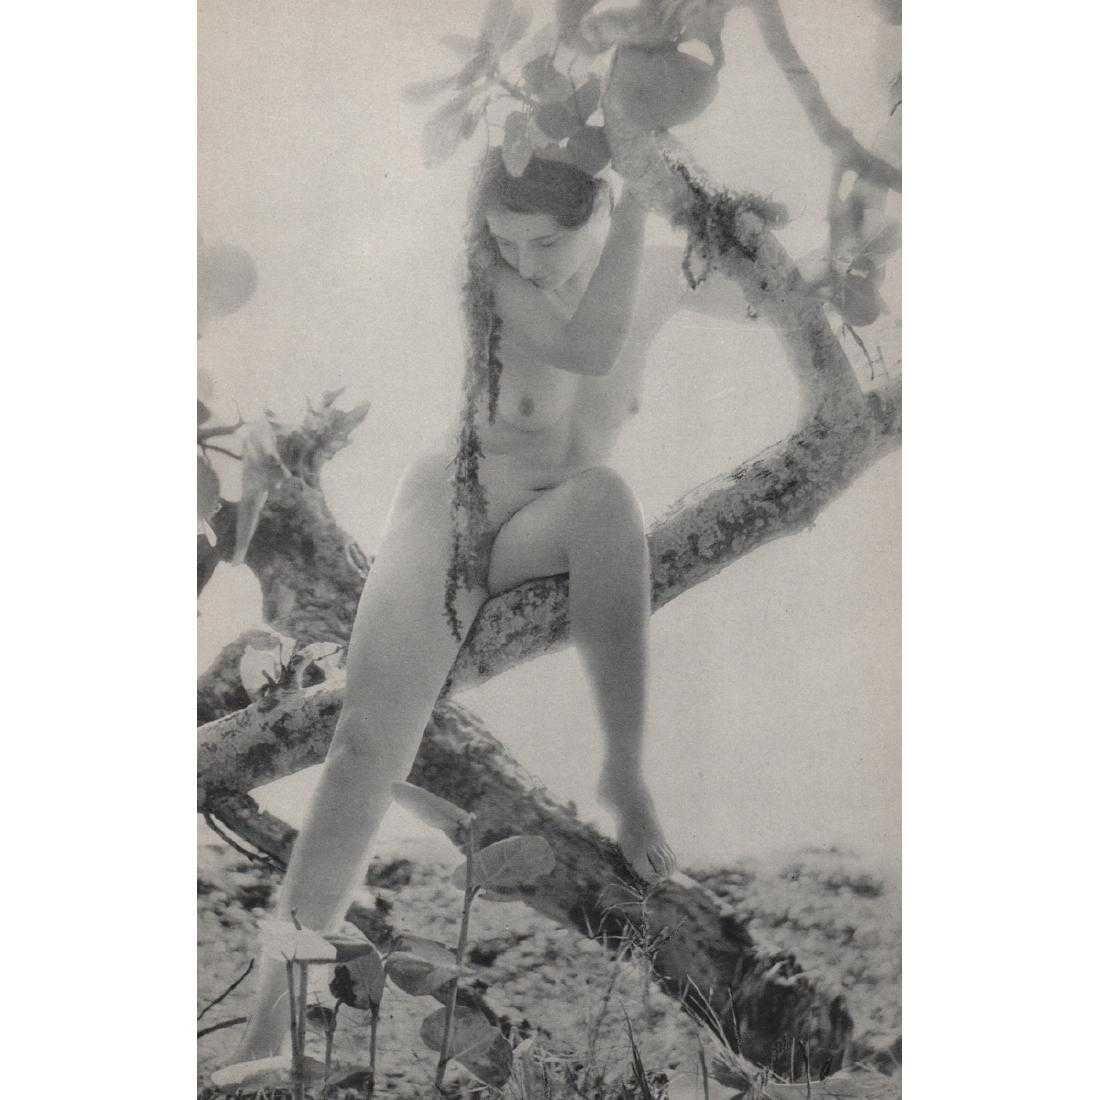 NELL DORR - In the Keys, 1929 - 2